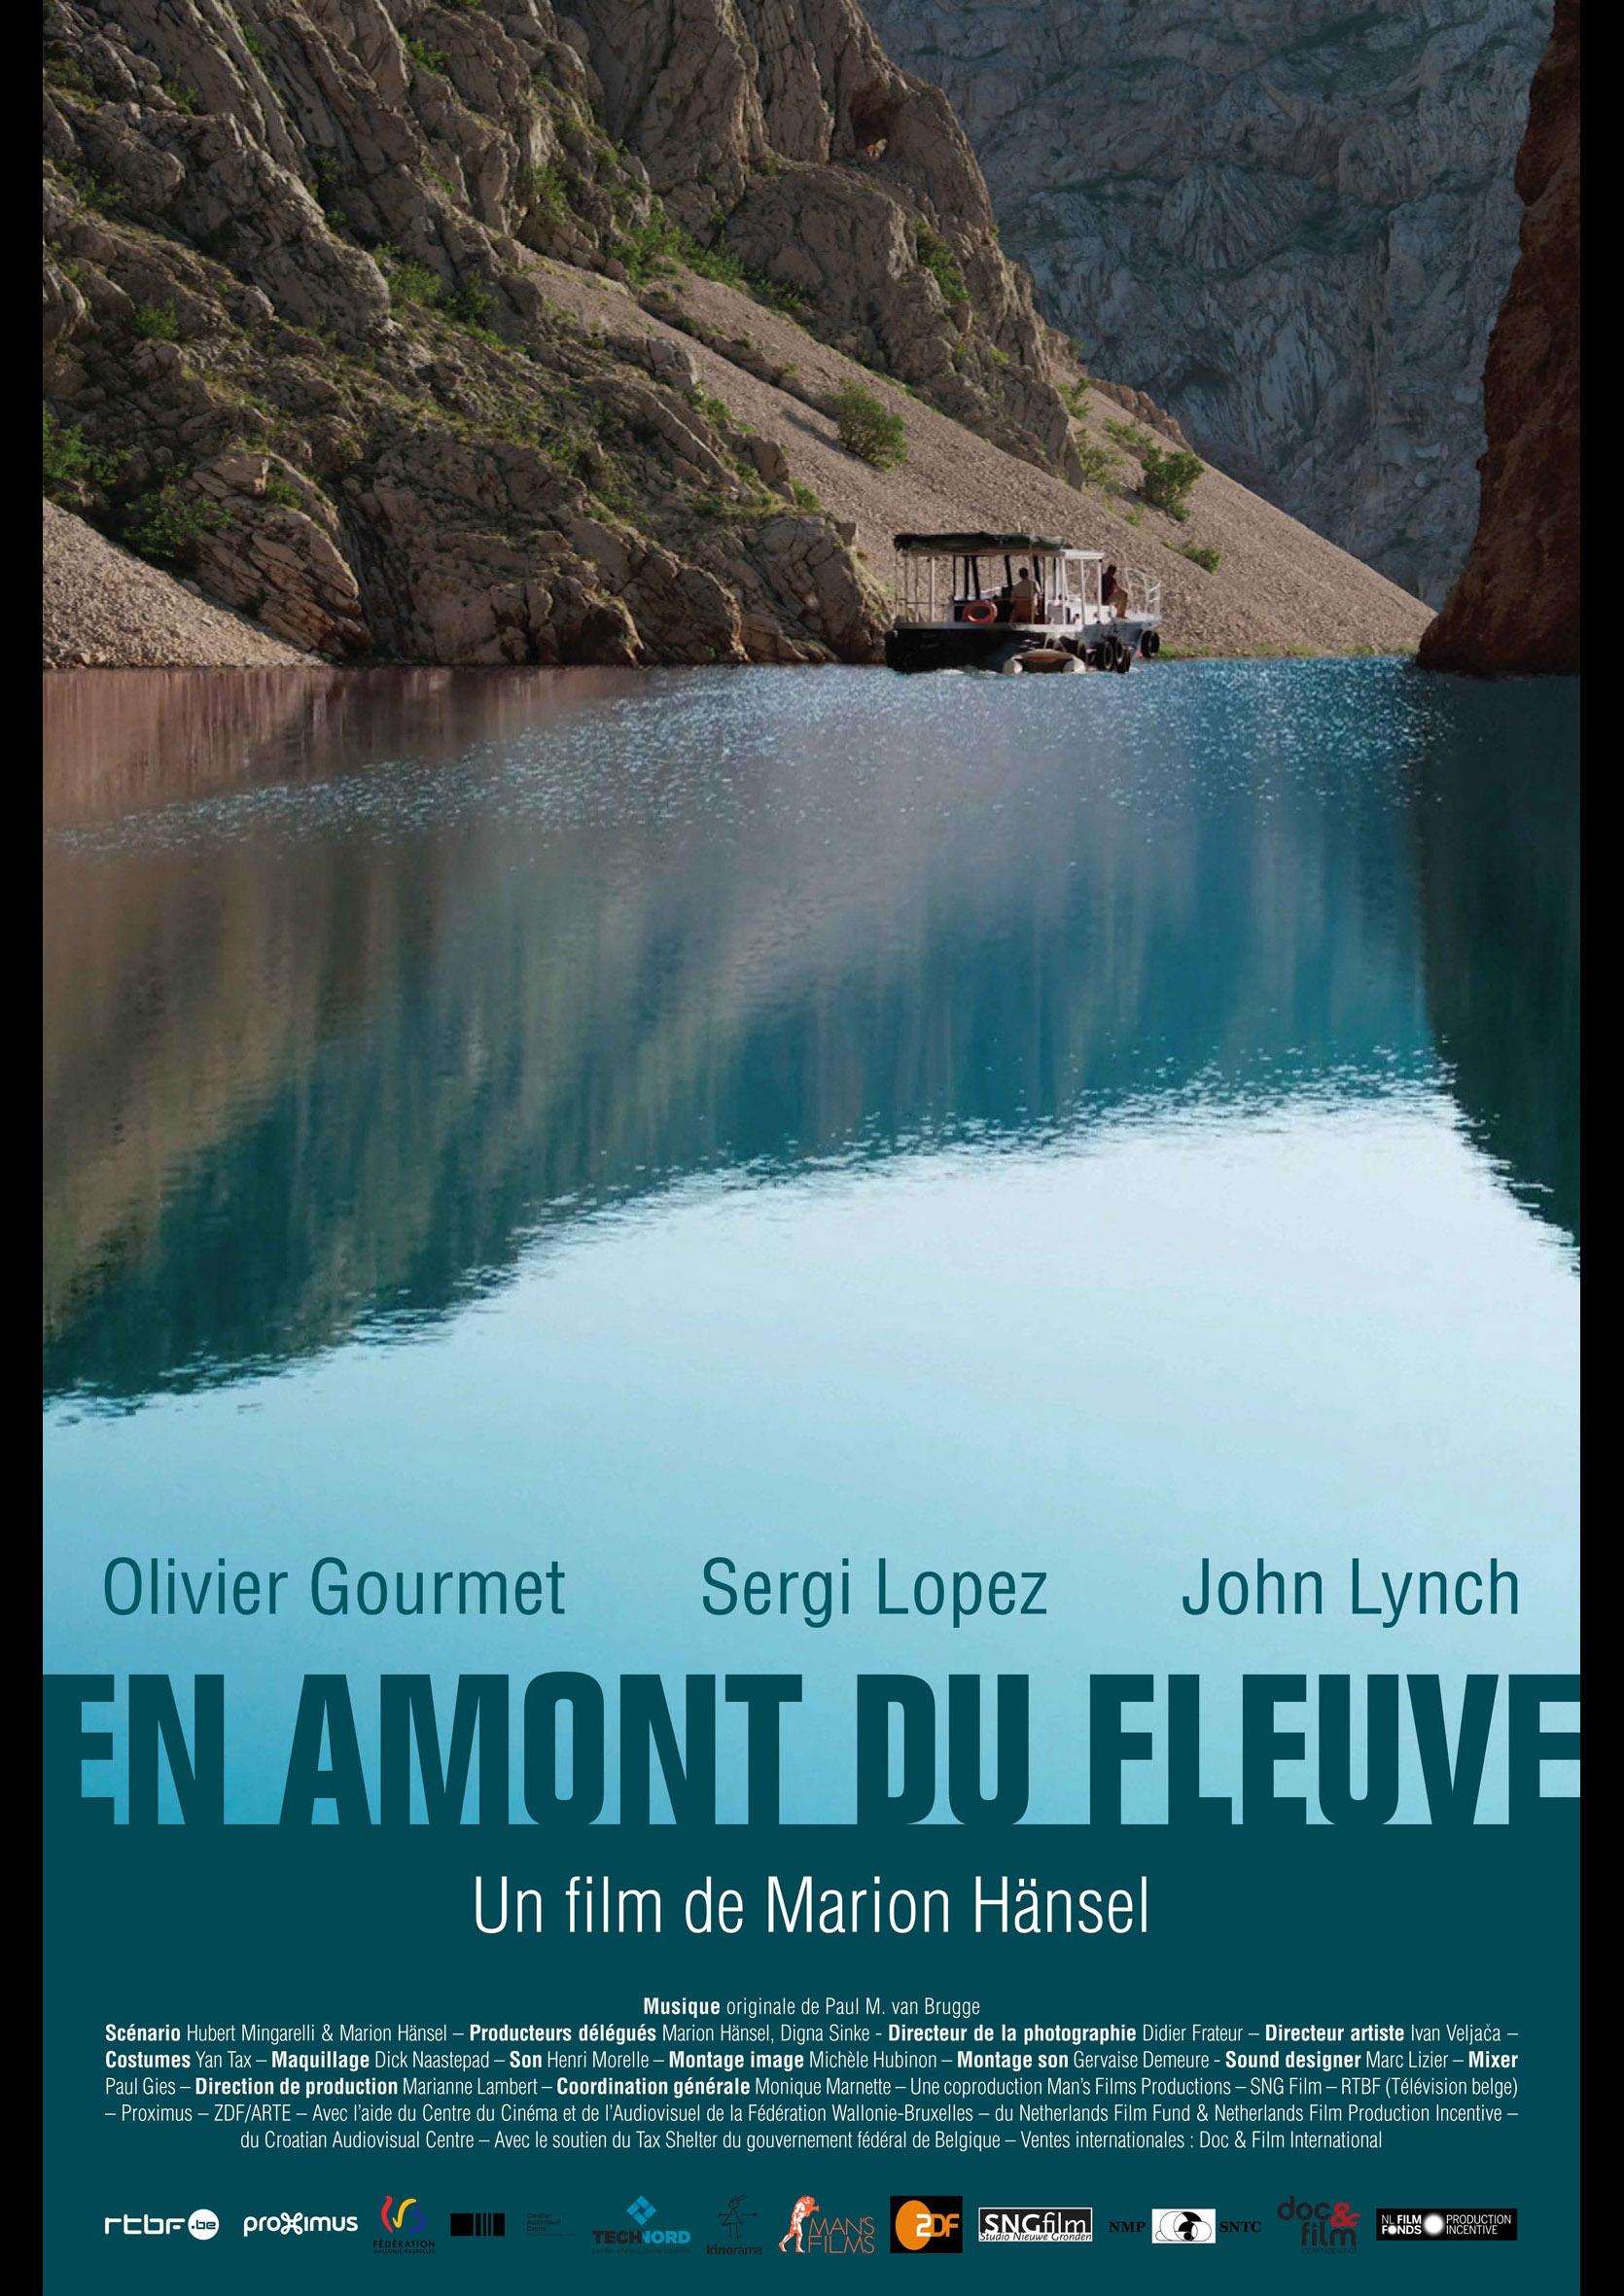 AMONT DU FLEUVE poster